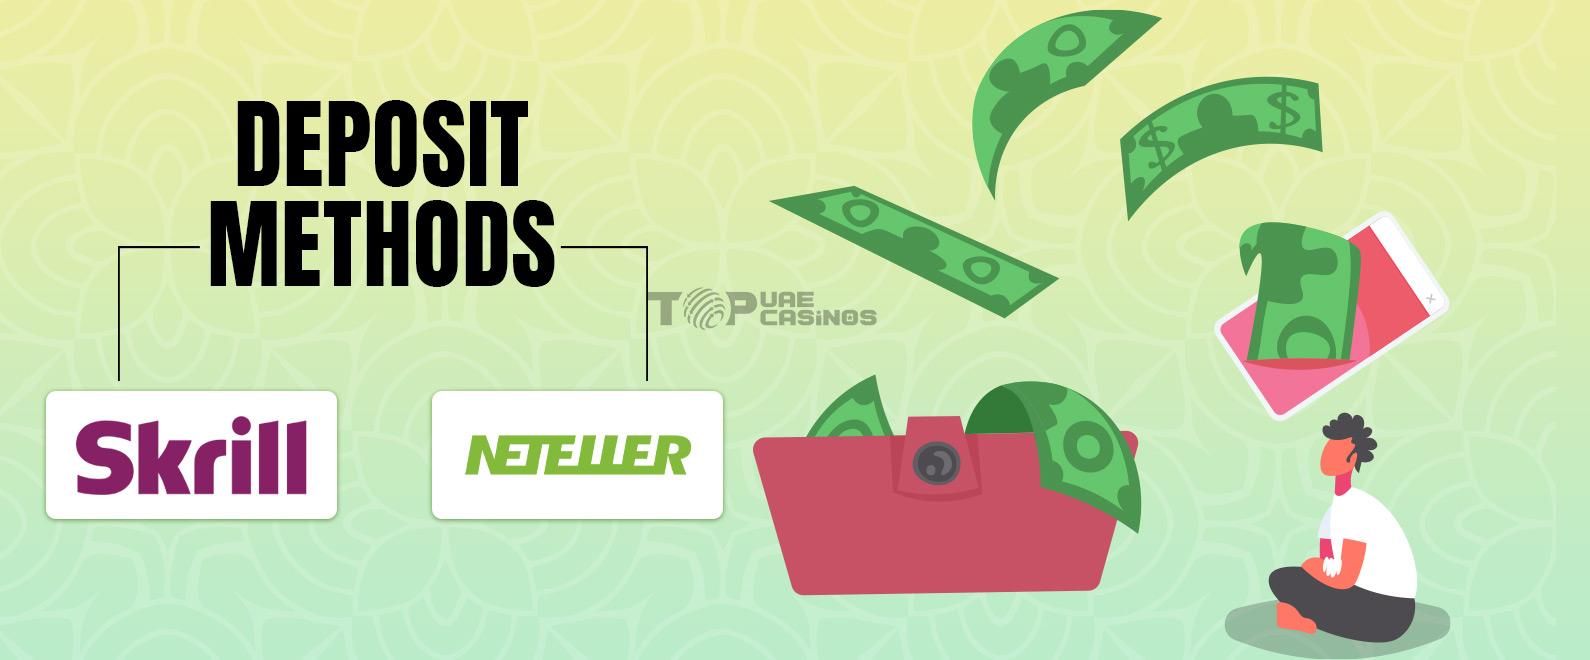 uae betting deposit methods